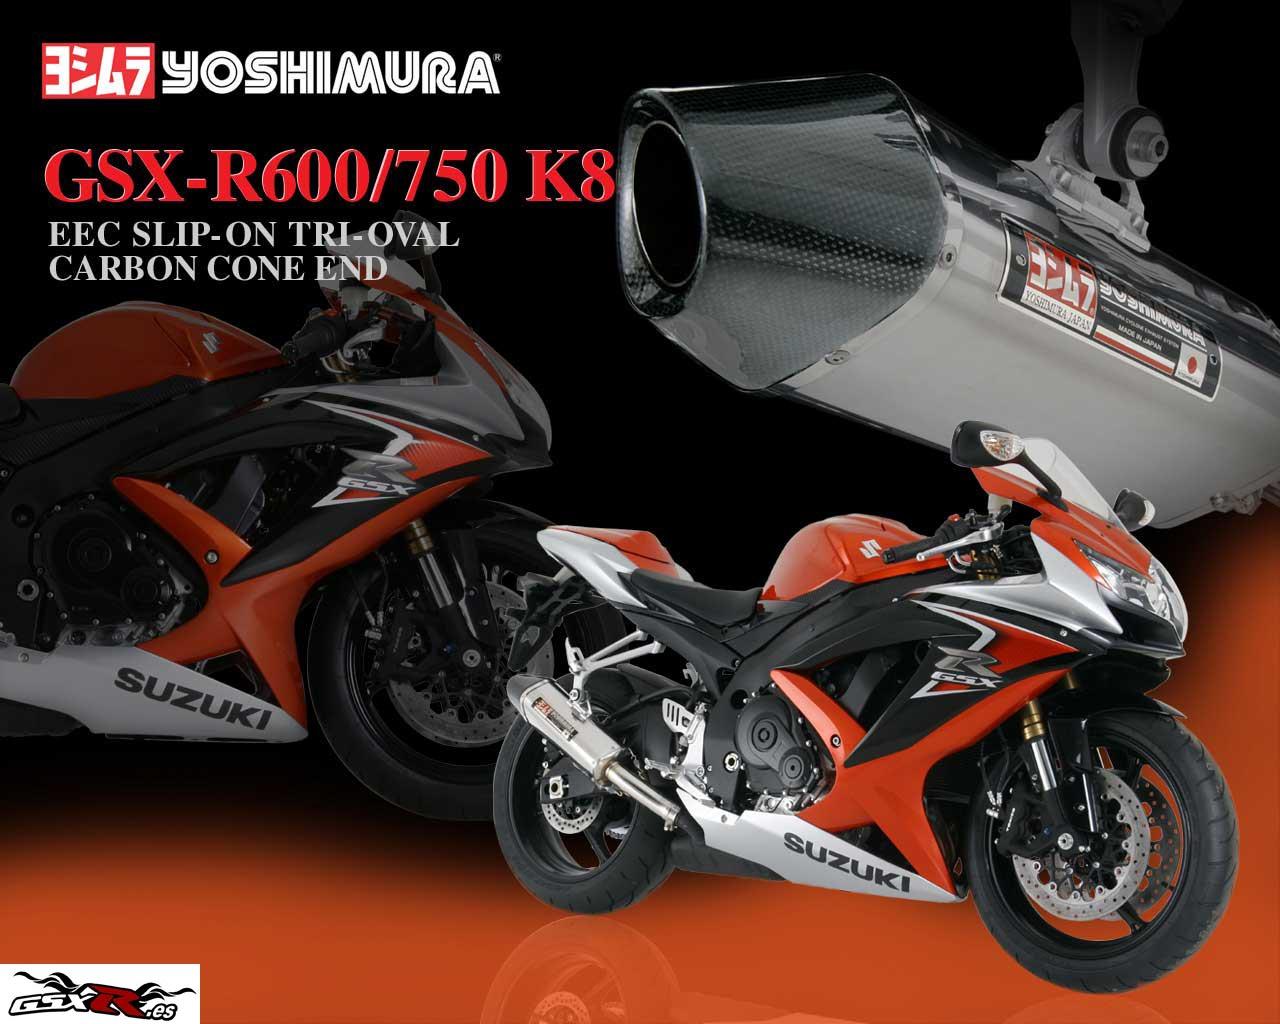 suzuki gsx-r 600 y 750 2008 k8 escape yoshimura wallpaper fondo de escritorio